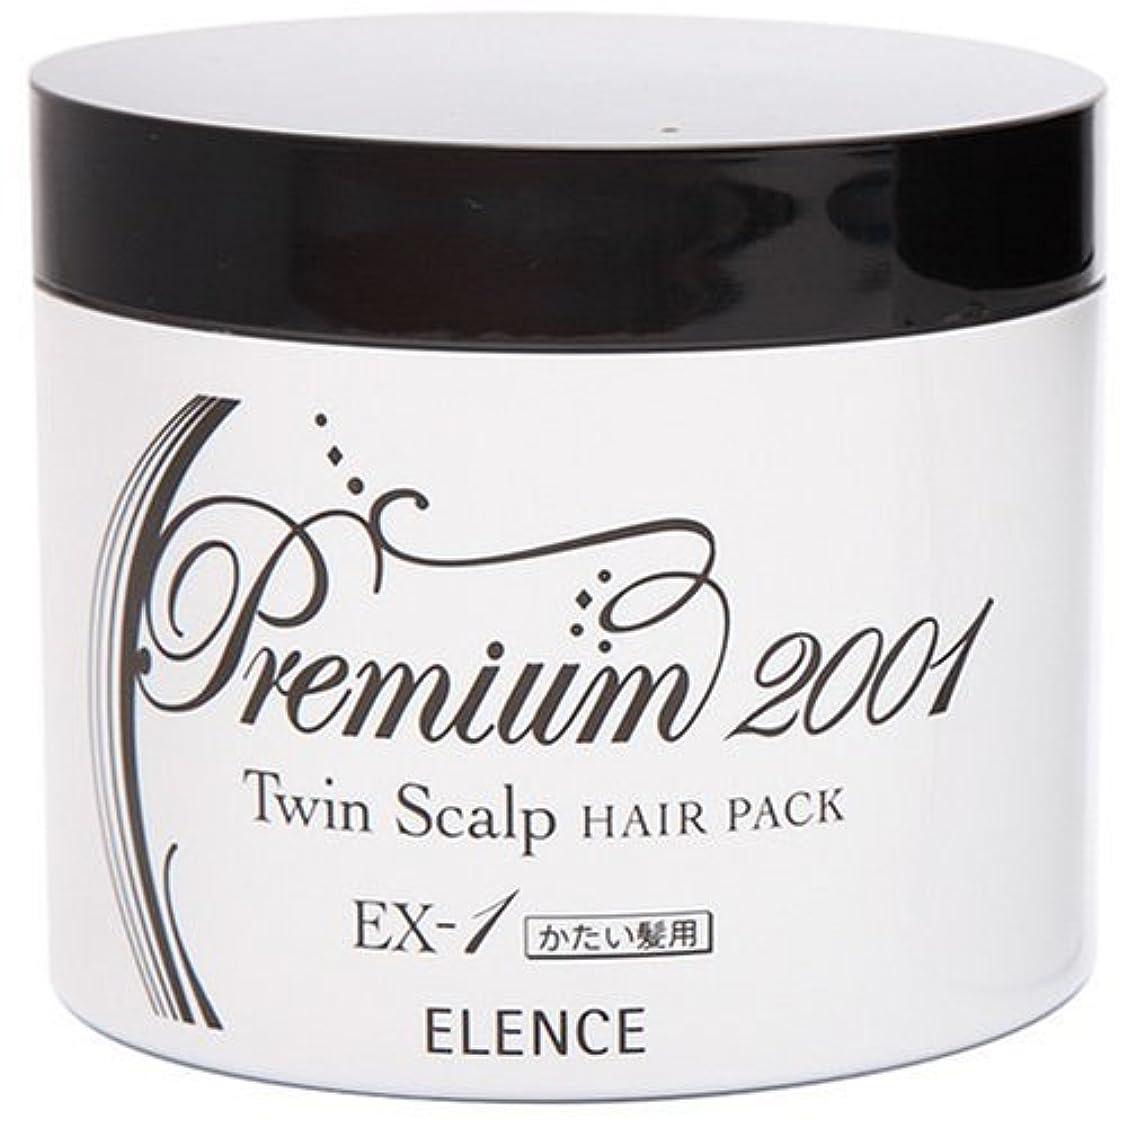 フェザー孤独コールエレンス2001 ツインスキャルプヘアパックEX-1(かたい髪用)